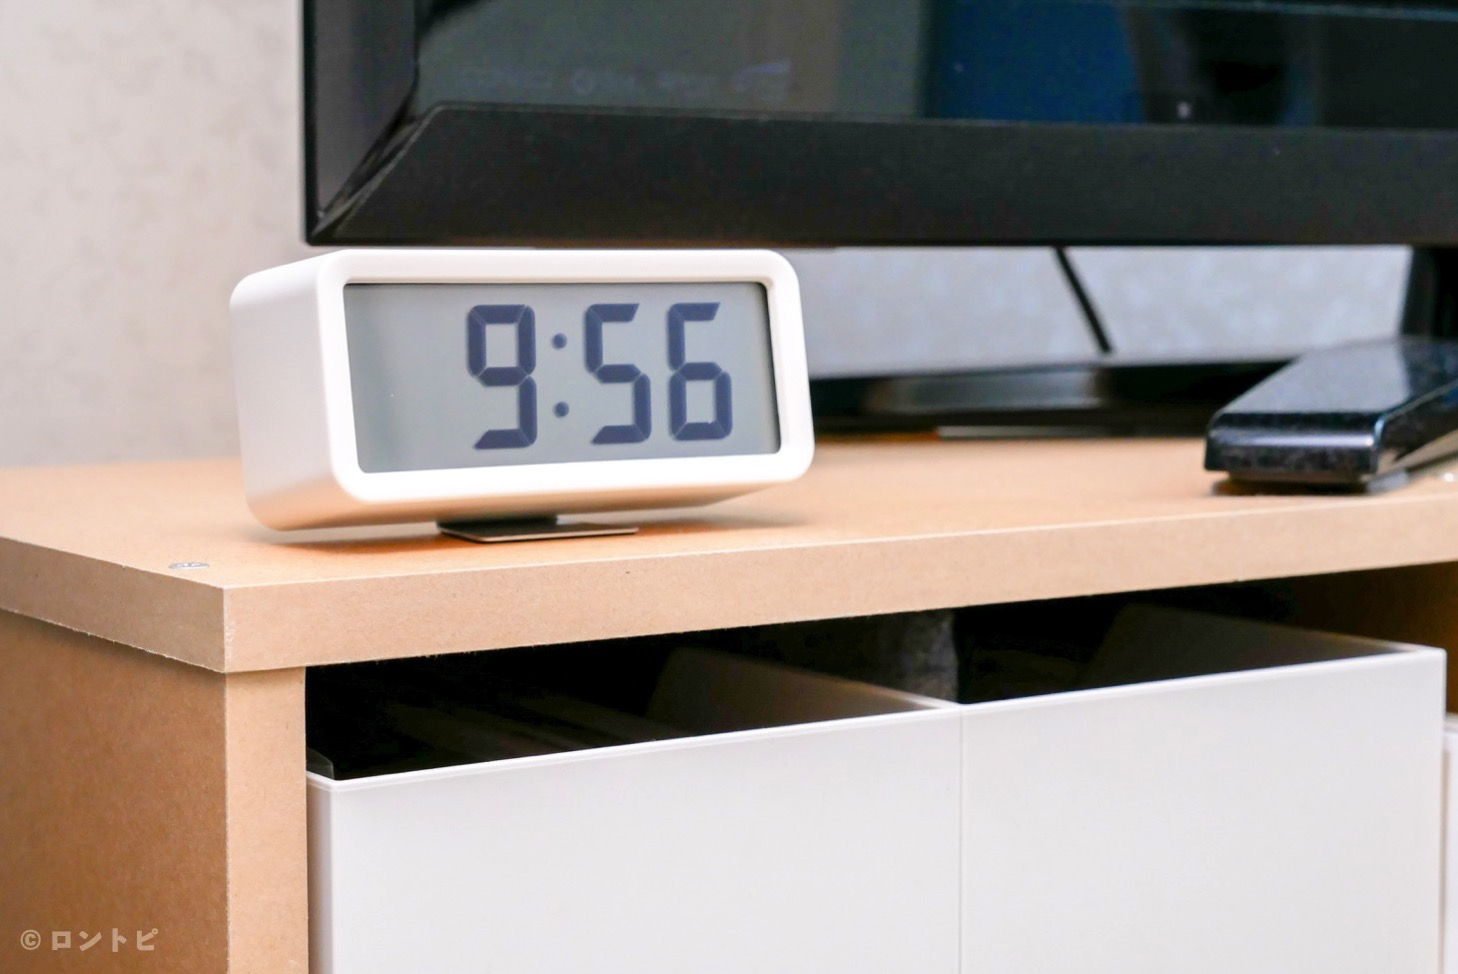 無印良品 デジタル時計 レビュー